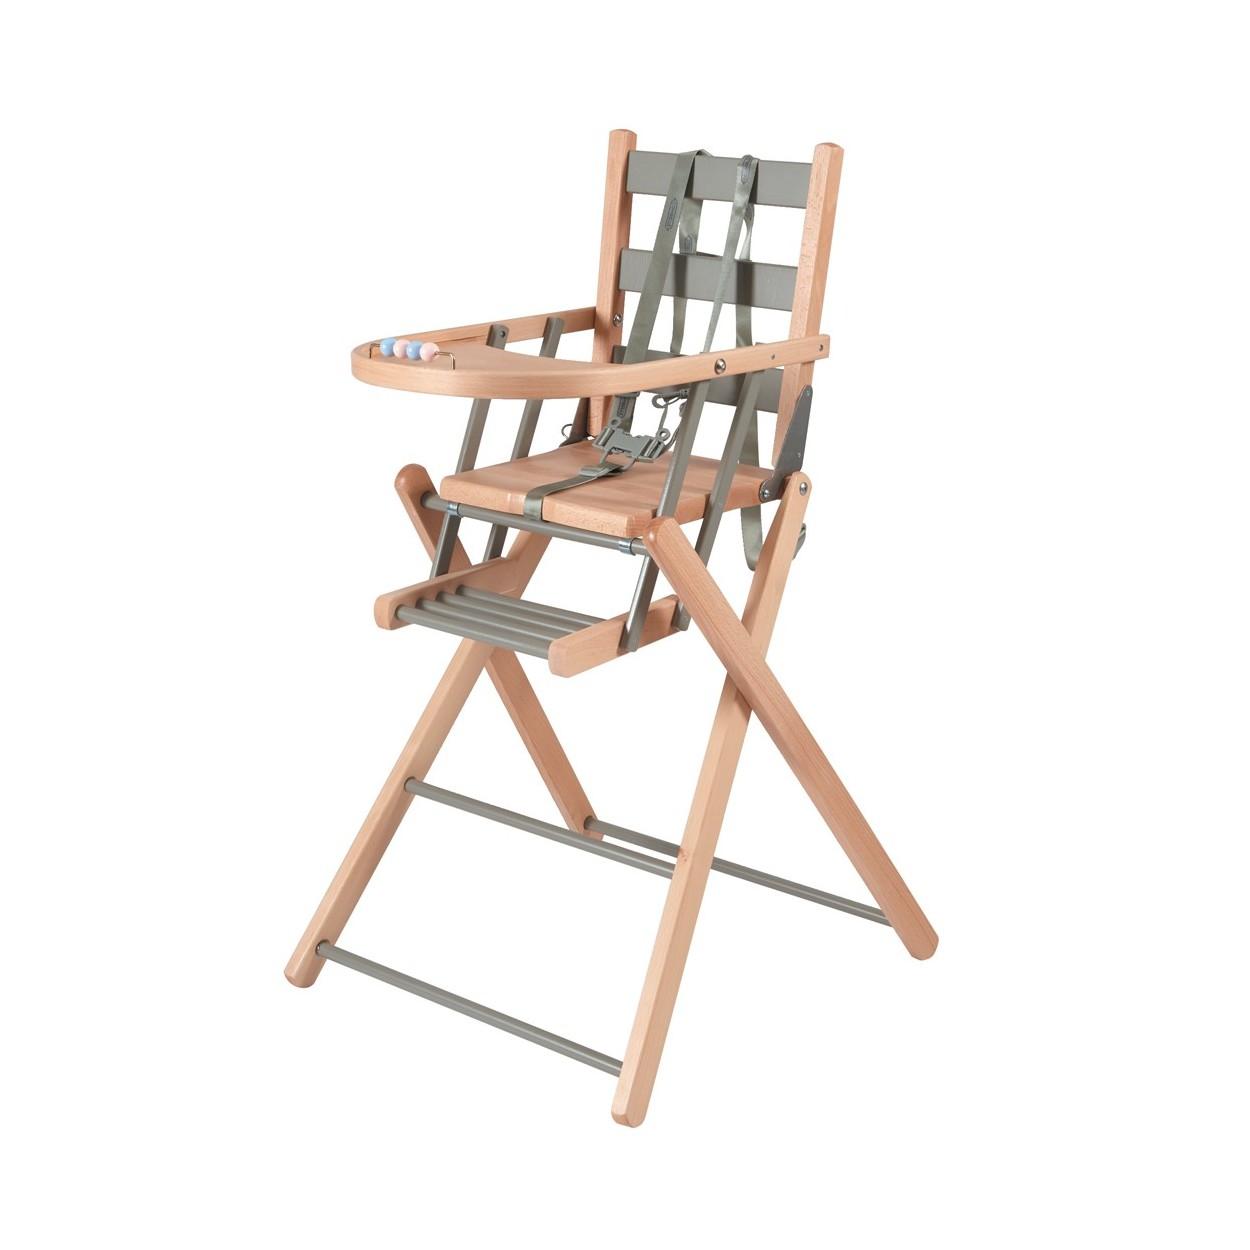 Chaise haute bébé pliante en bois  bicolore gris - 57x95 cm